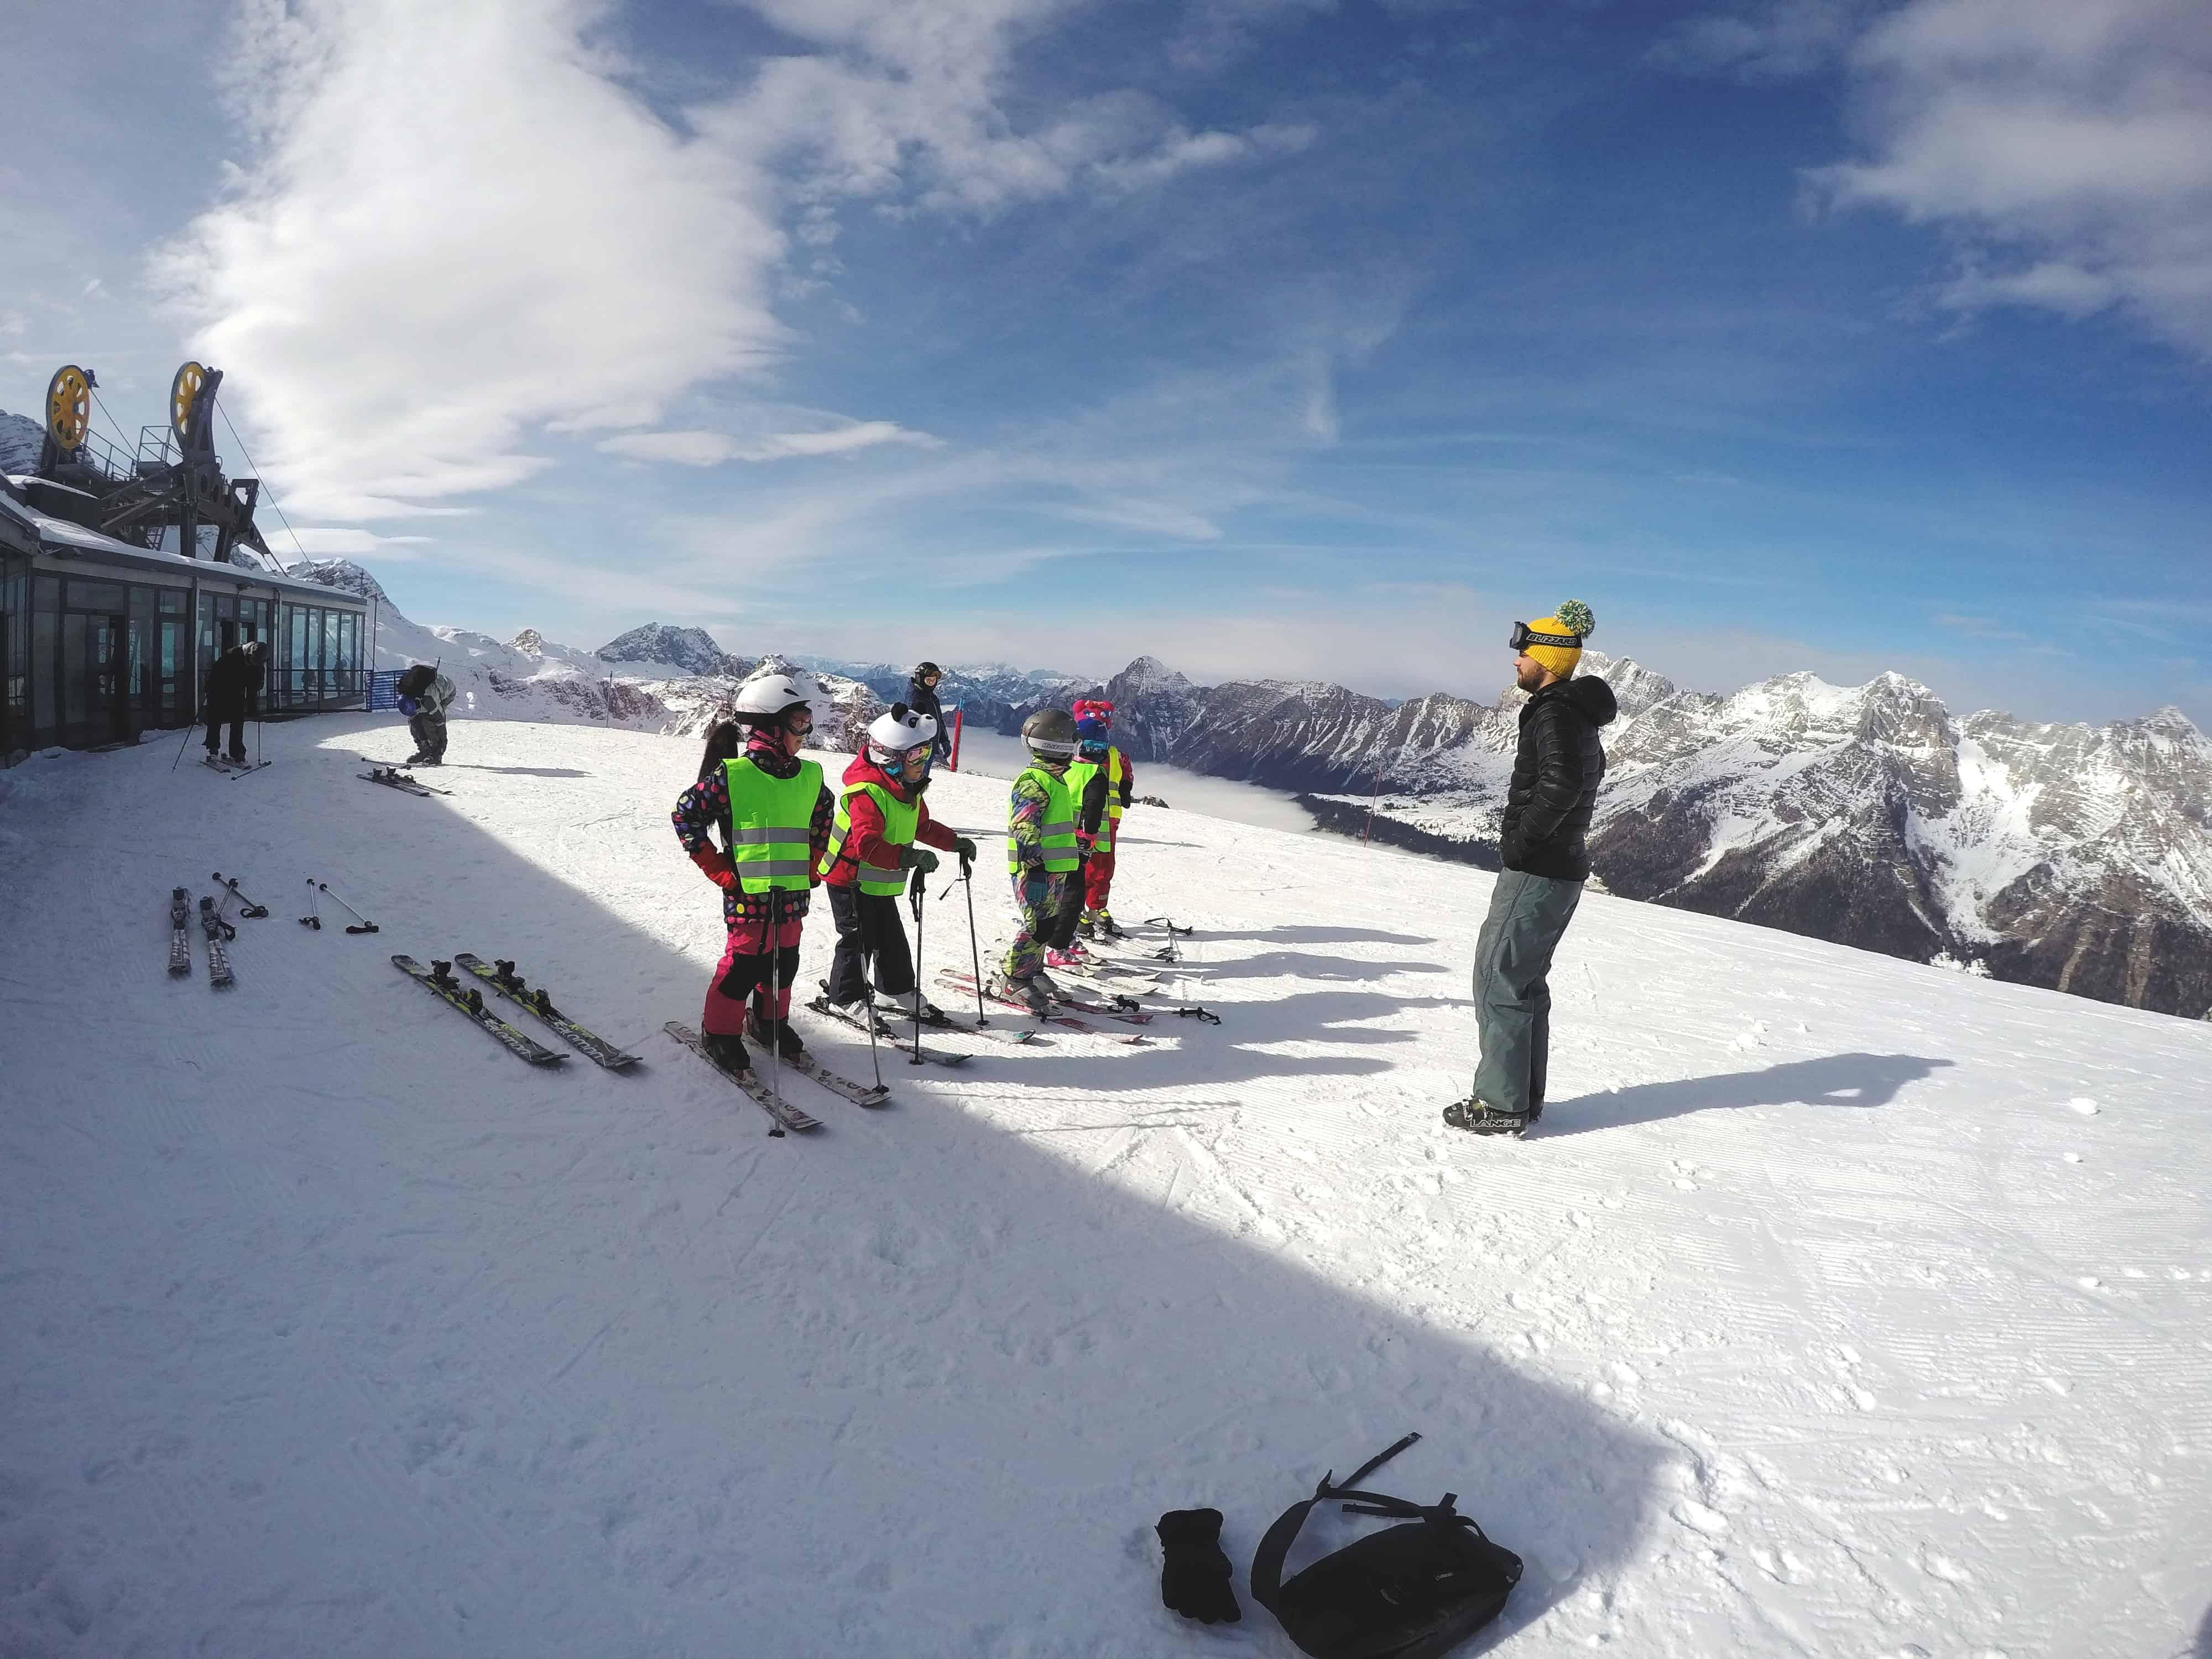 Szkółka narciarska BACTIVE Gliwice - Włochy 2017